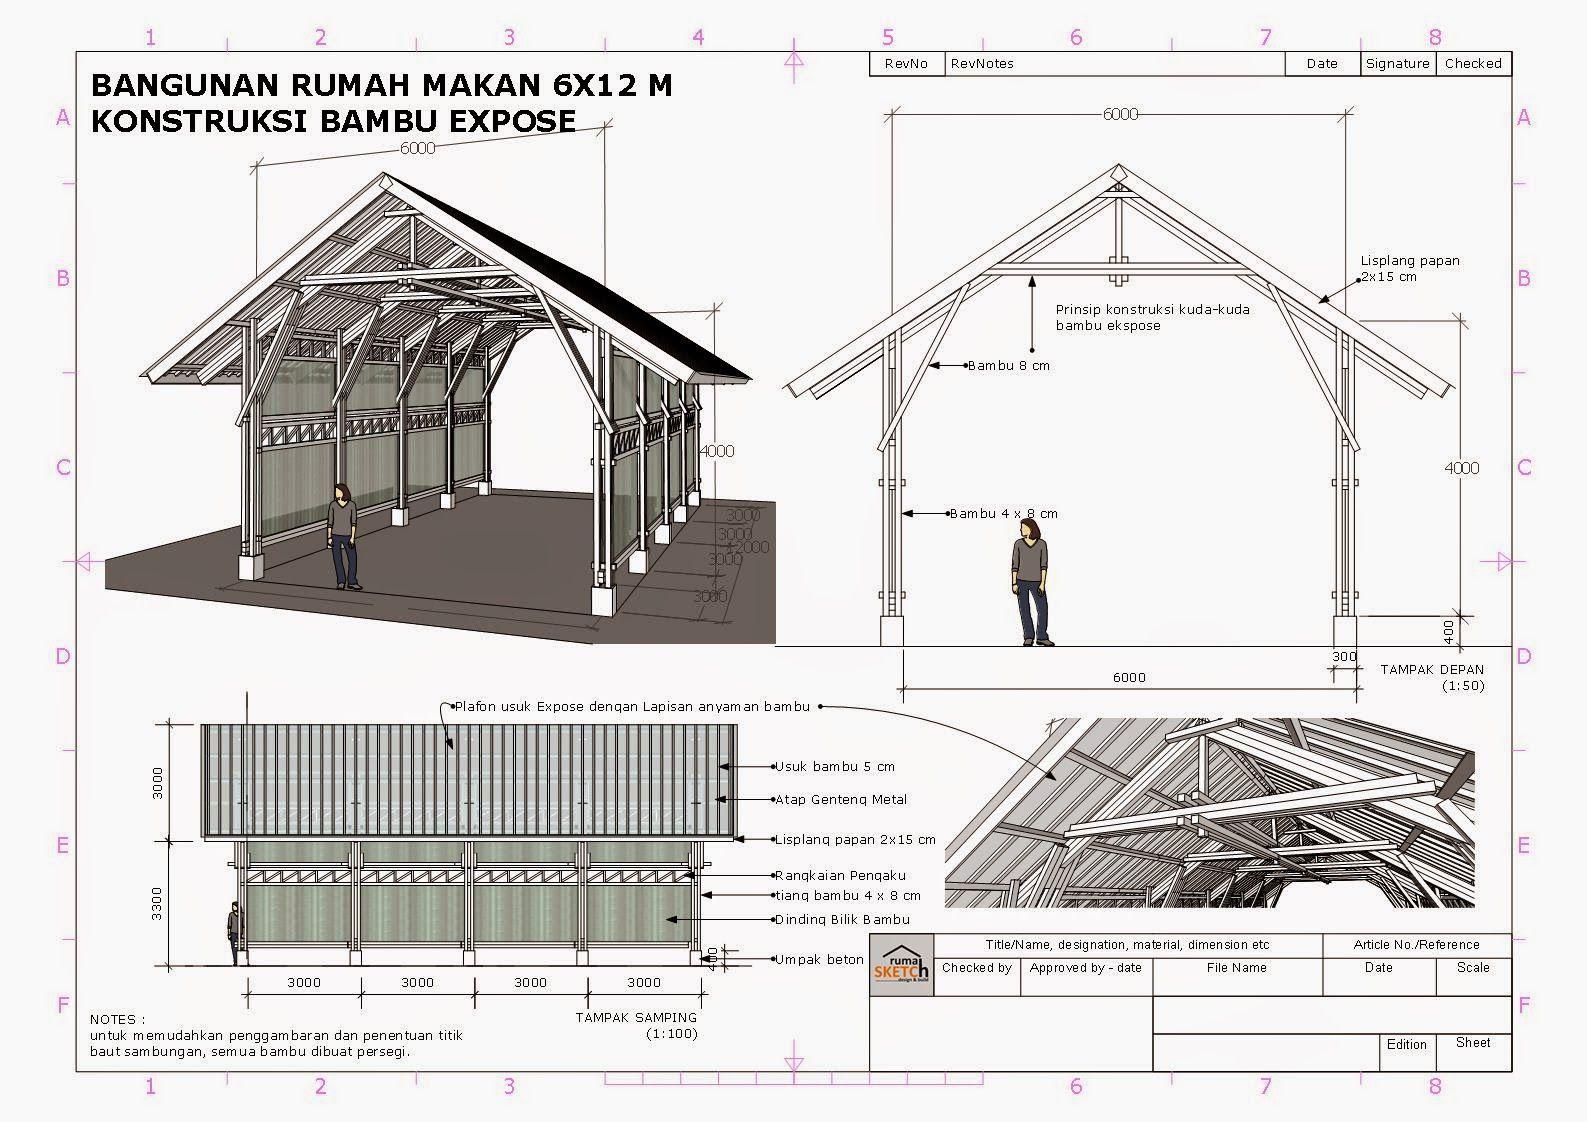 Rumahsketch Com Konsultasi Bangunan Rumah Makan Konstruksi Bambu X M